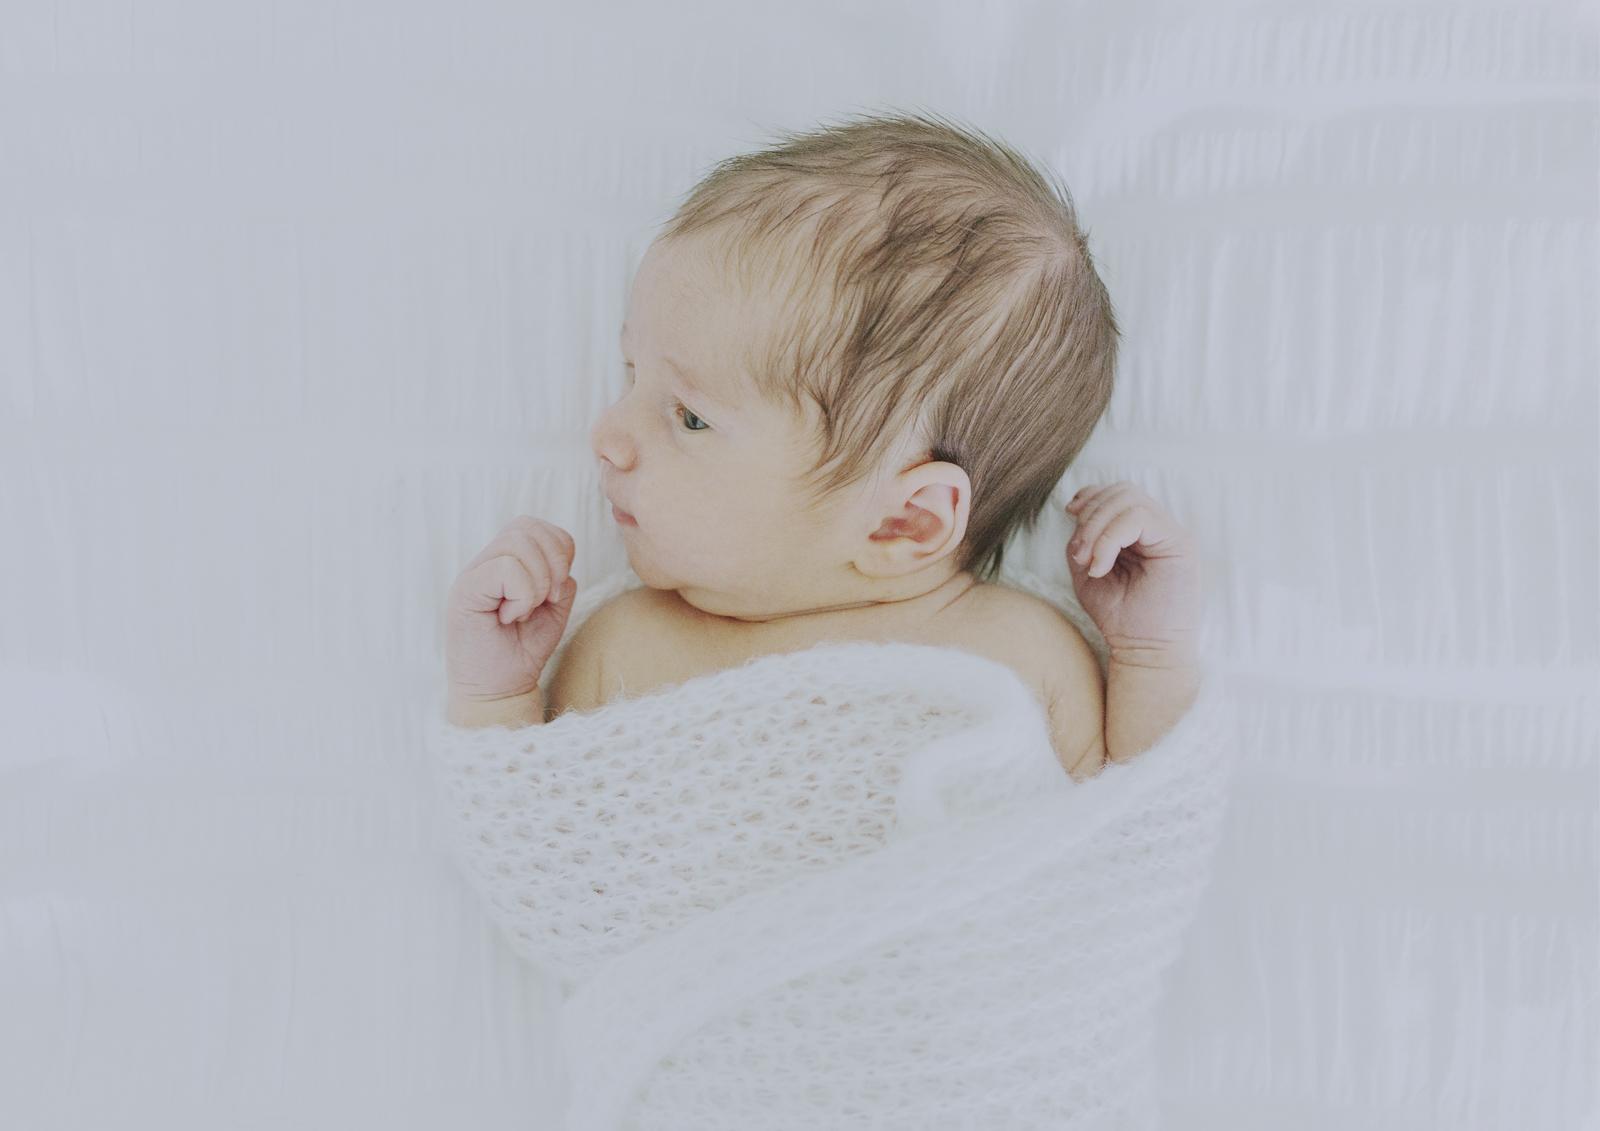 10 day old newborn baby boy